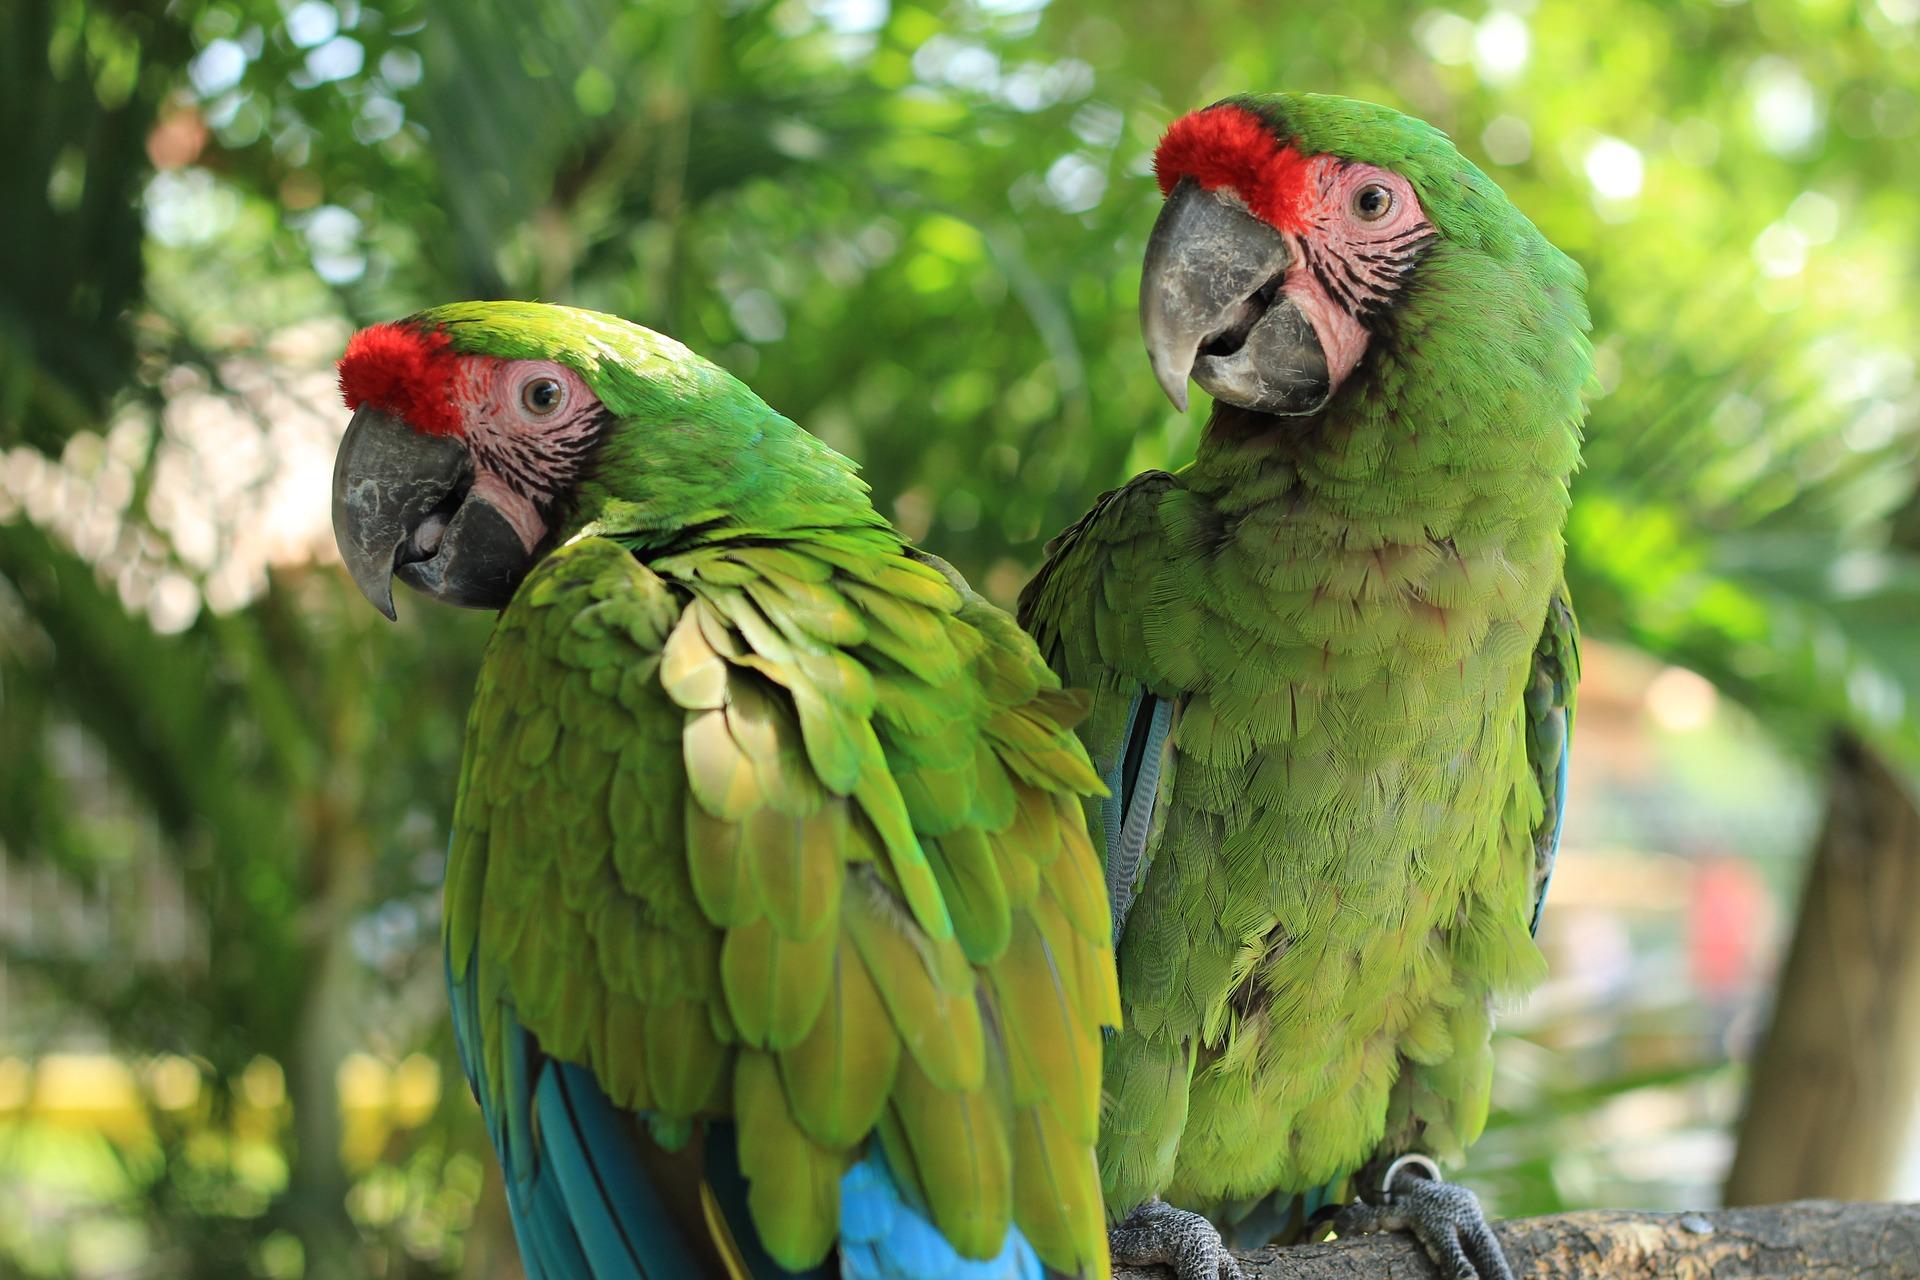 parrot-2659023_1920